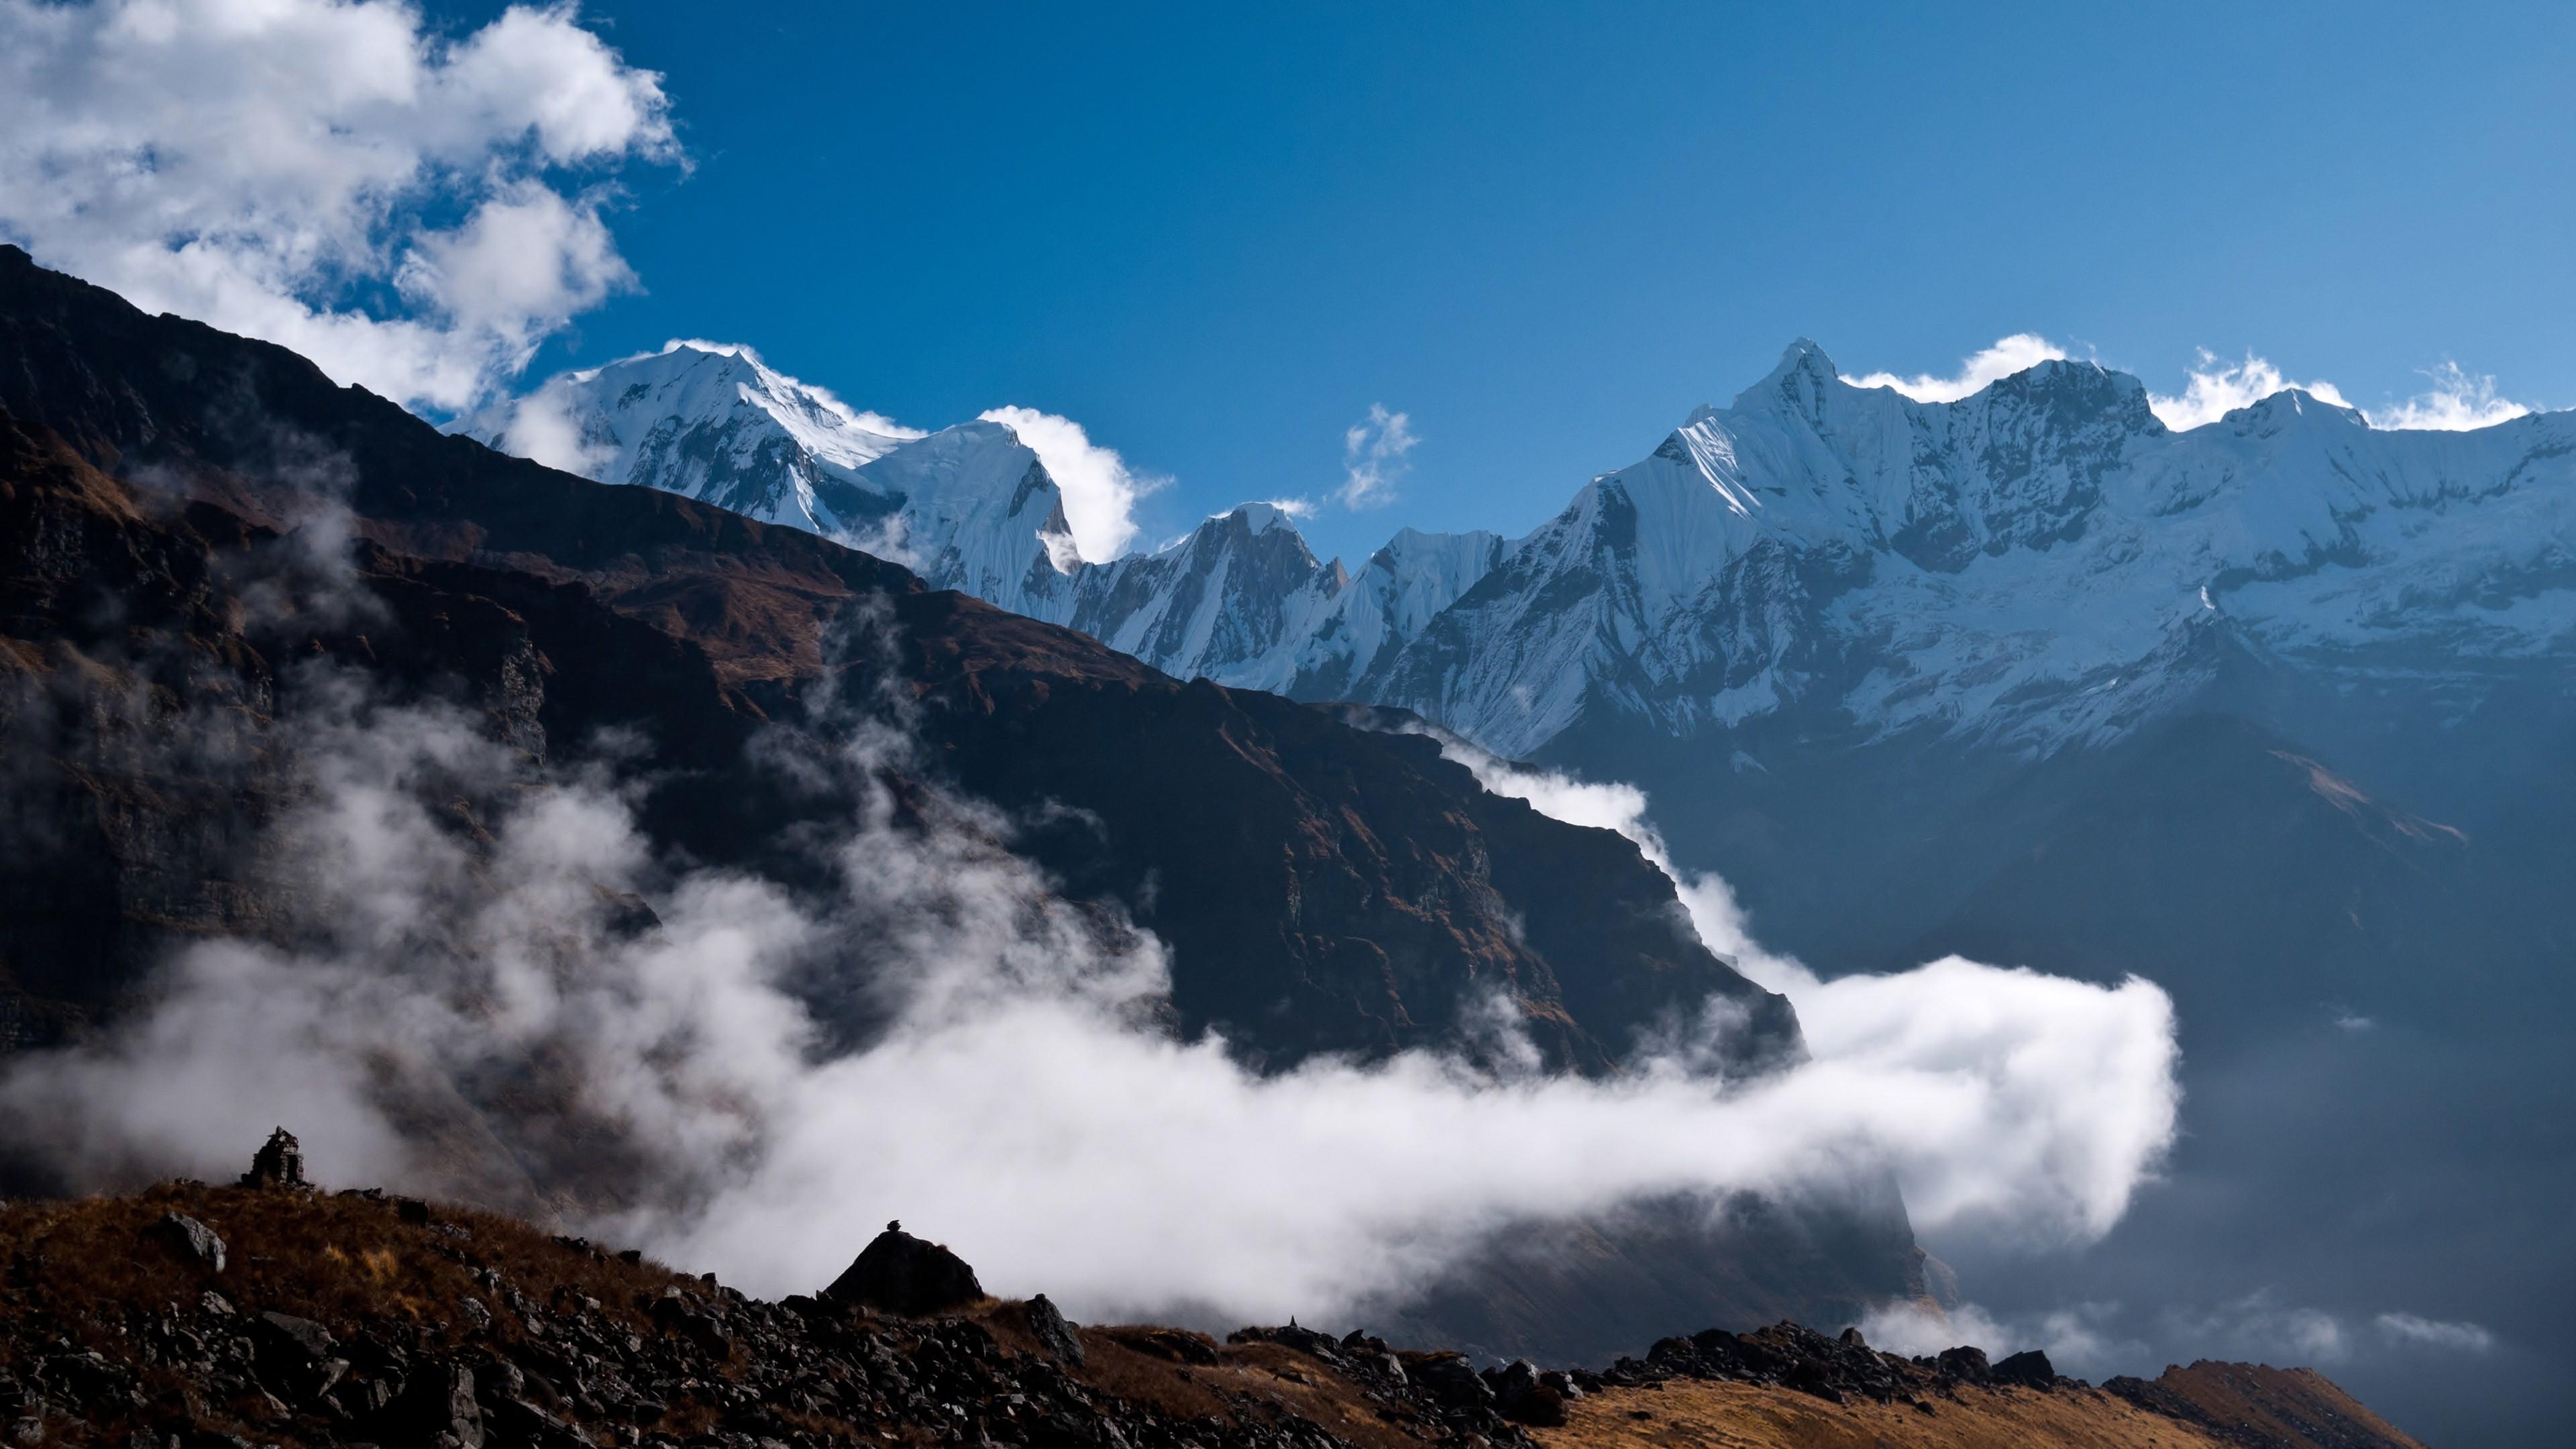 Himalayas Wallpaper (69+ Images